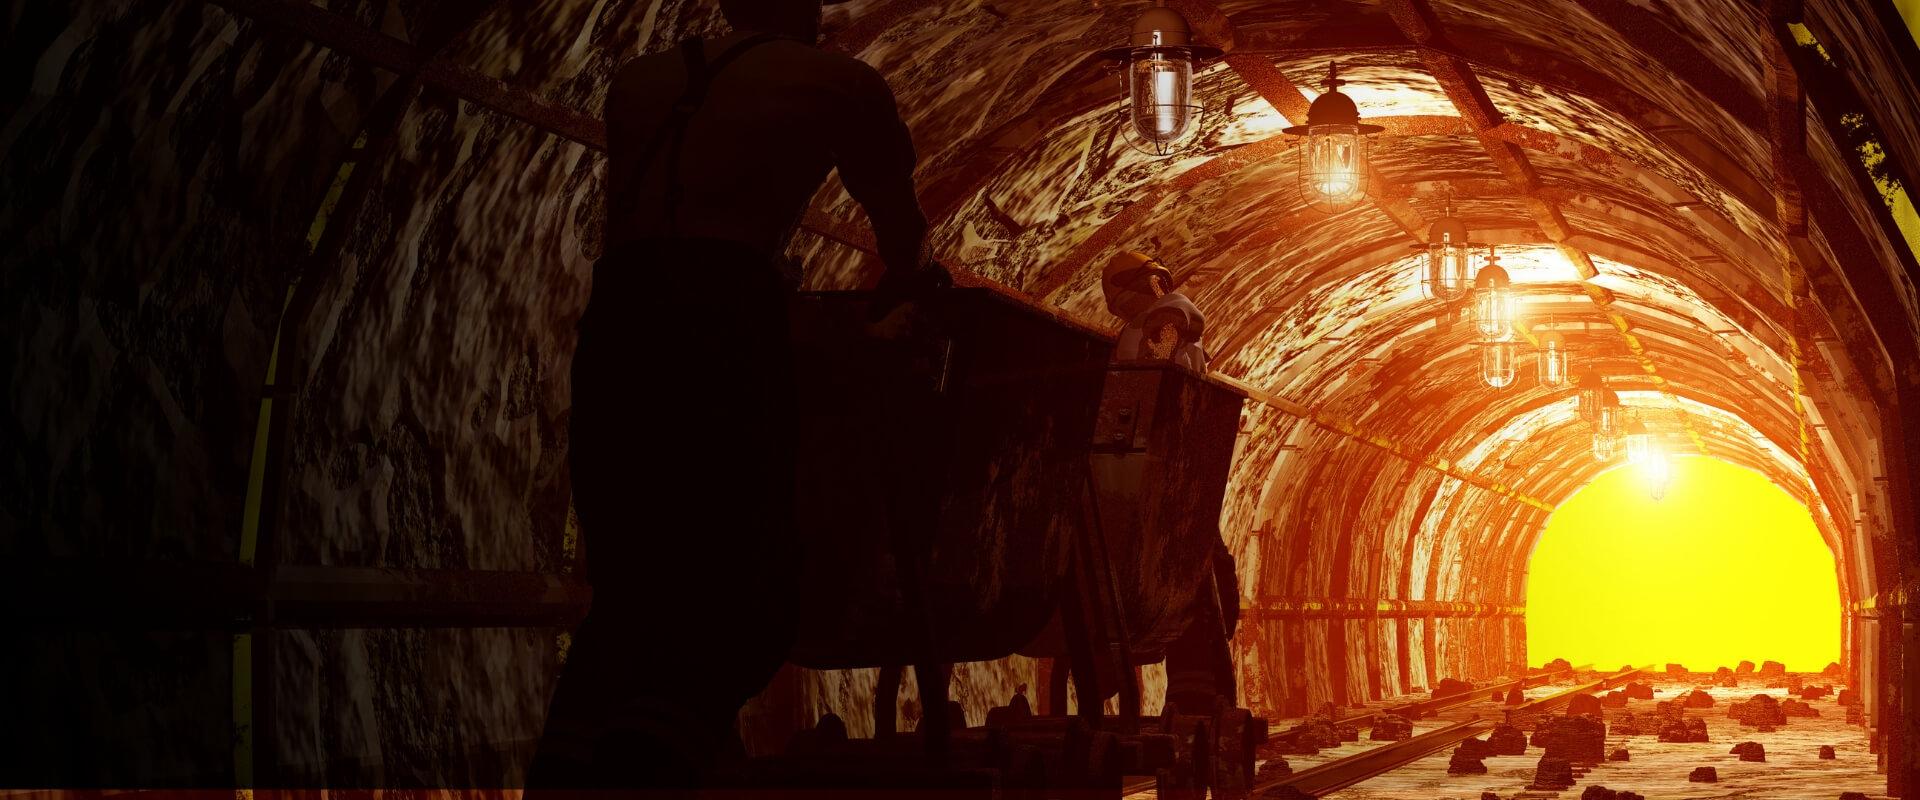 Mining (1)